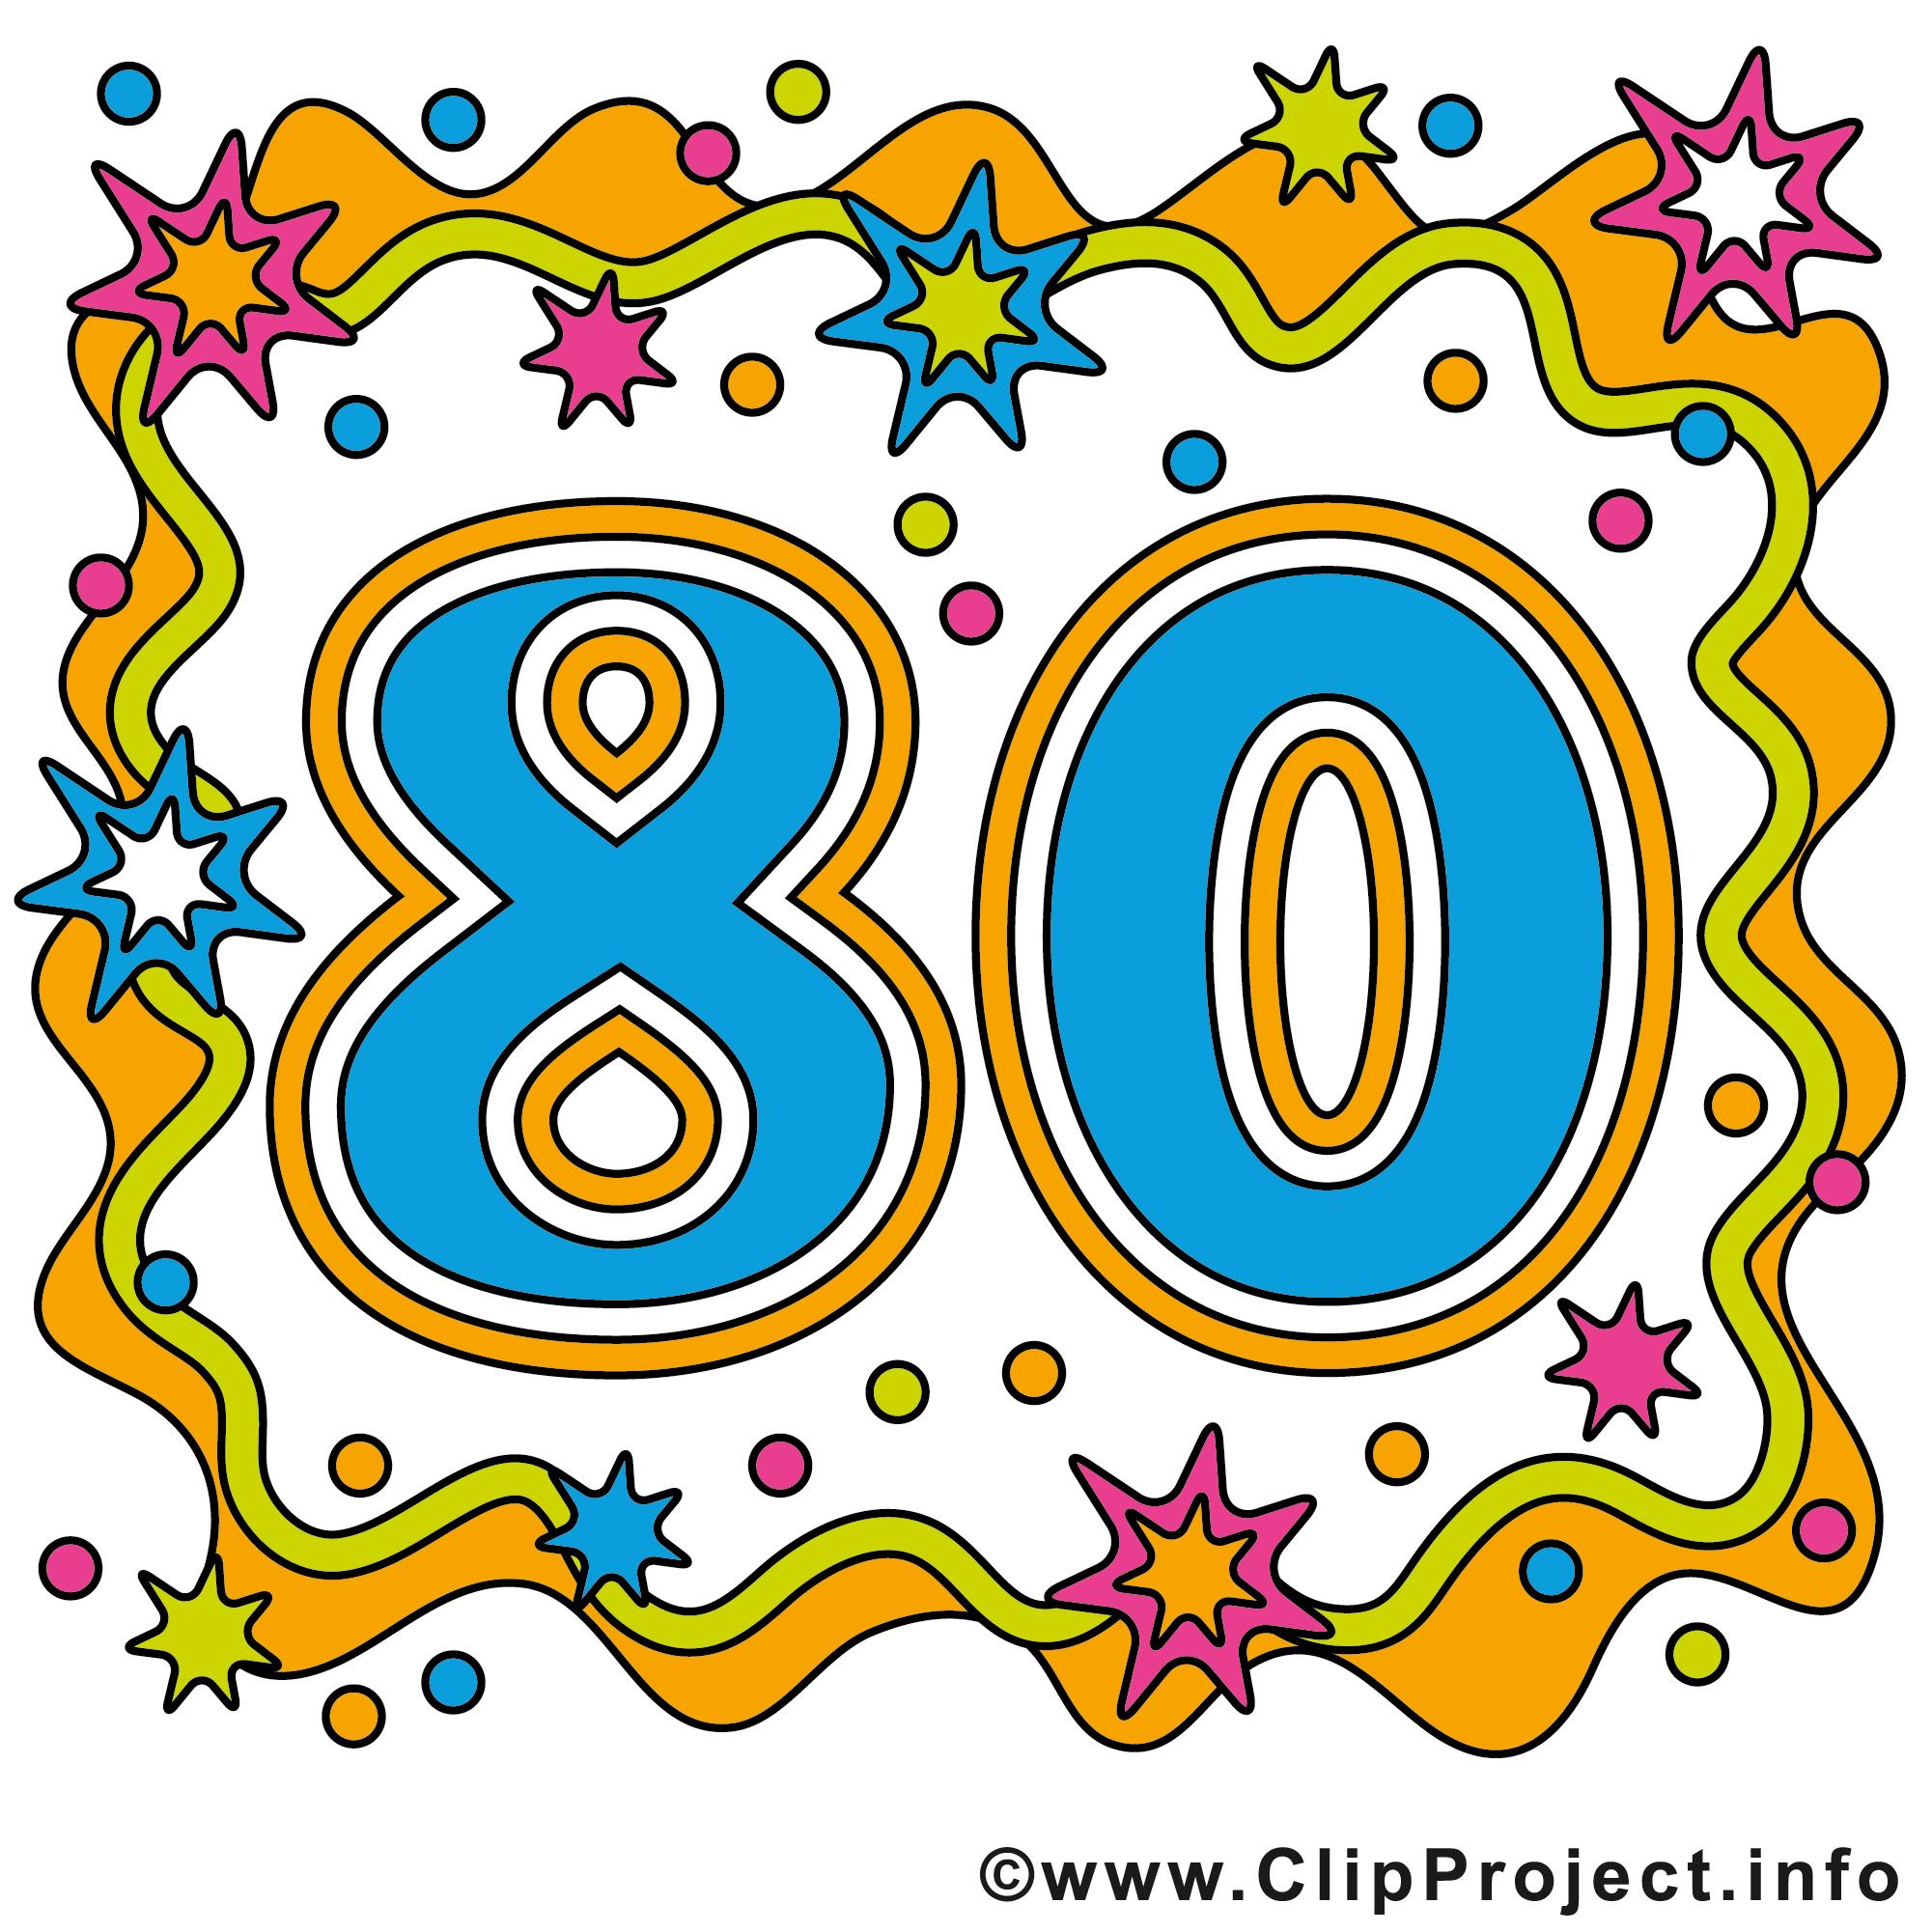 80 ans clipart – Anniversaire dessins gratuits - Anniversaire ... picture transparent stock